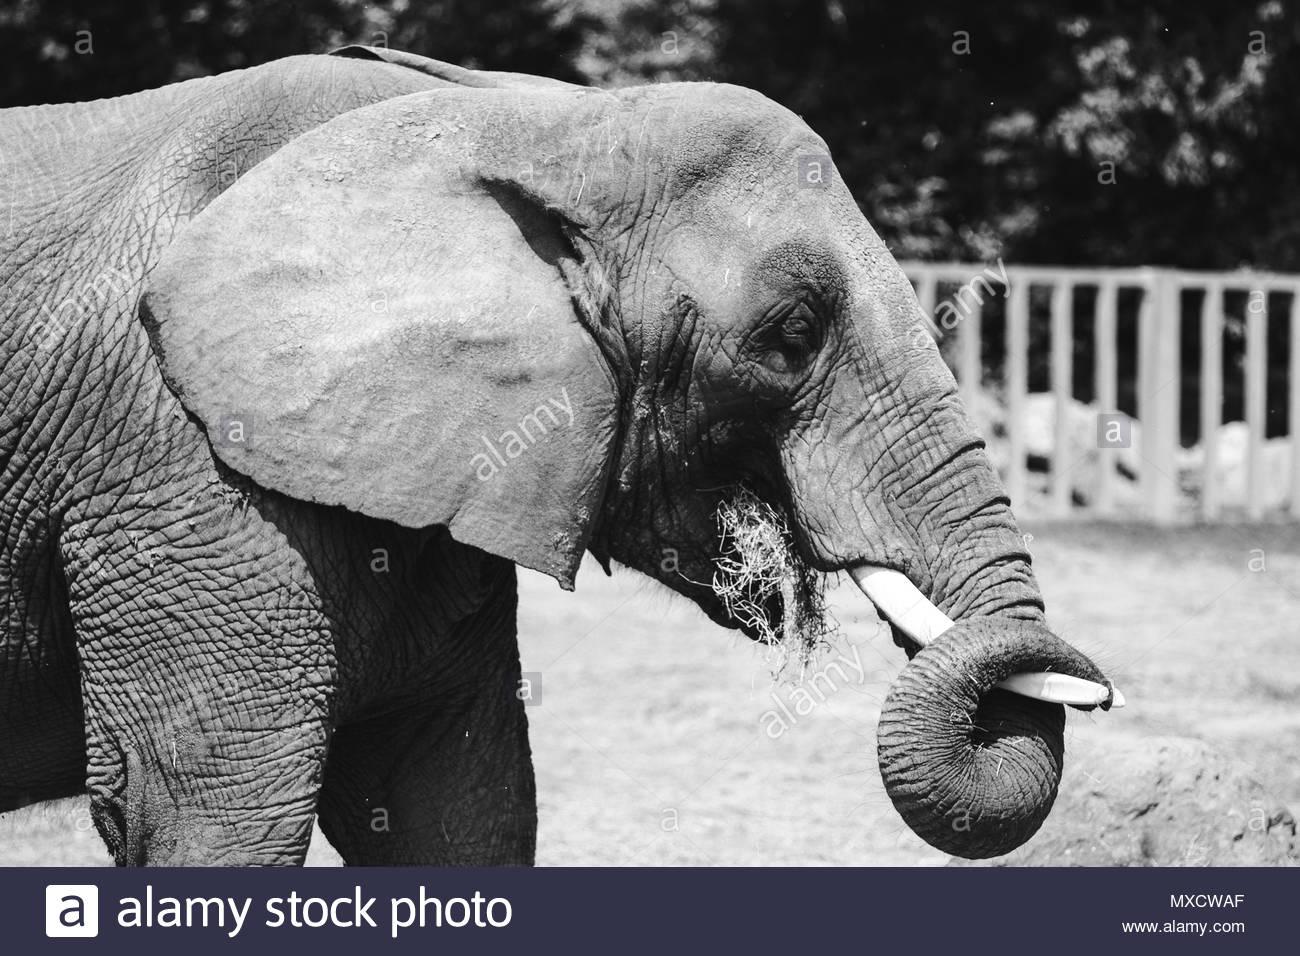 Elephant enjoying some food - Stock Image